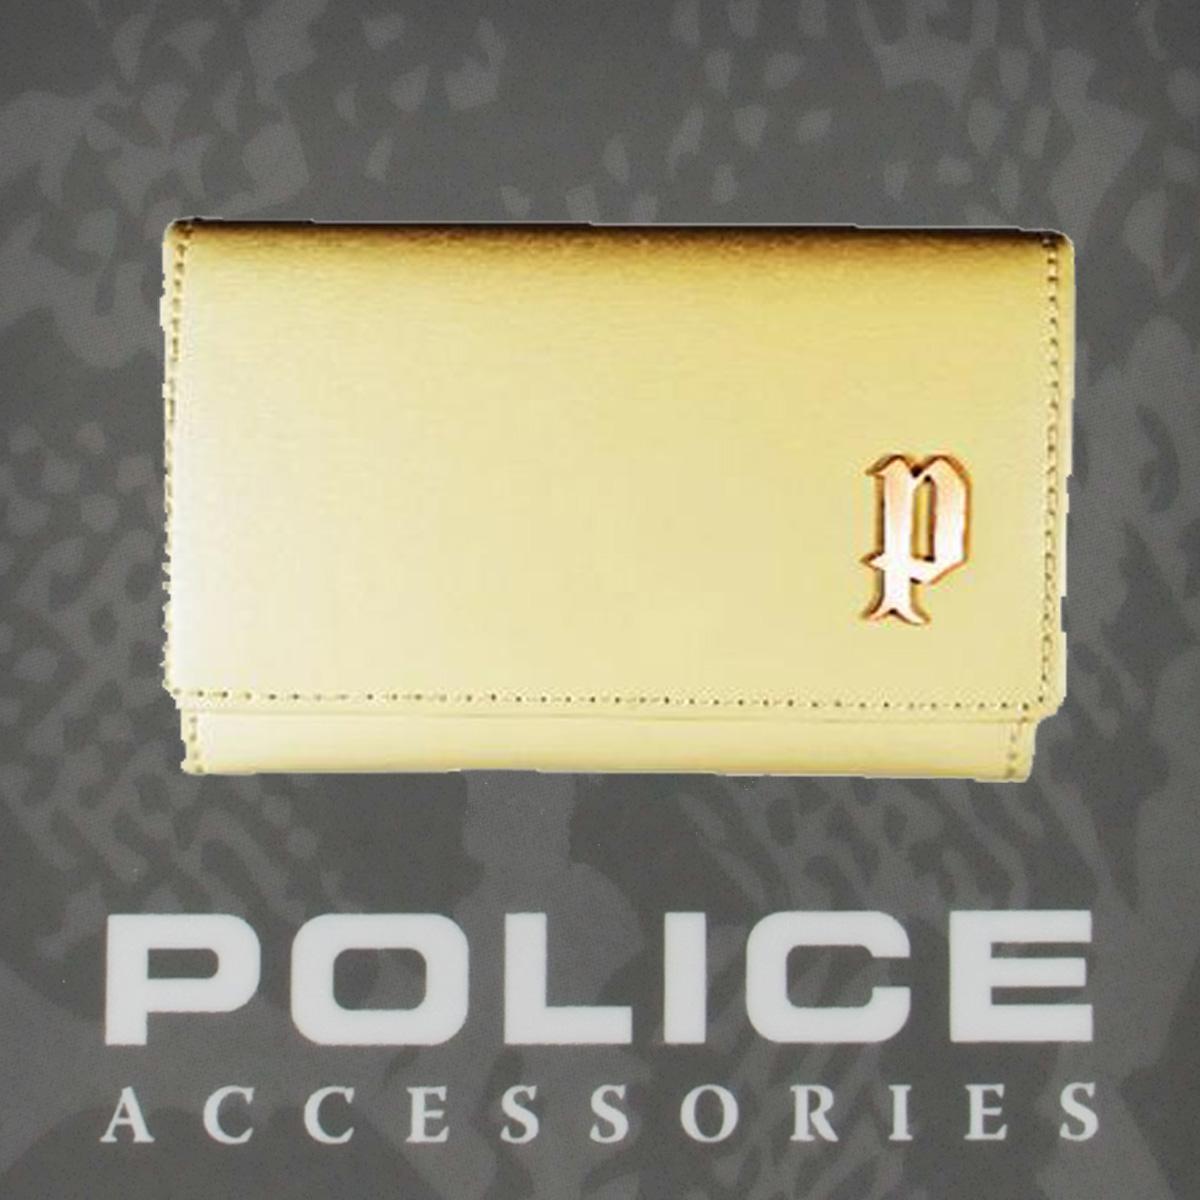 POLICE(ポリス) SEMPLICE カード入れ アイボリー【PA-59000-49】